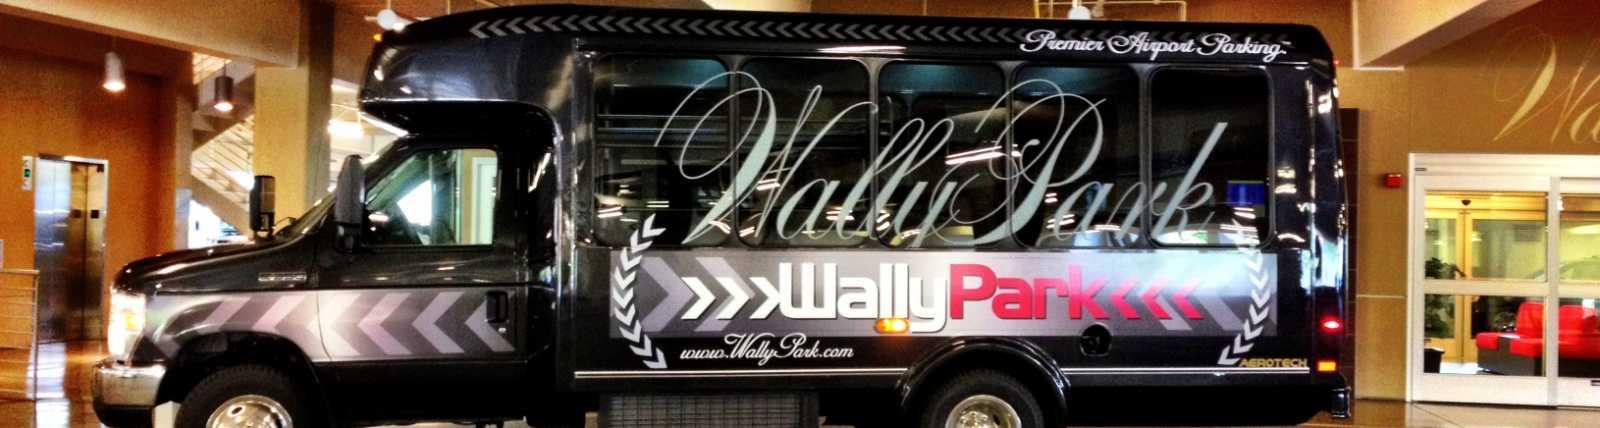 WallyPark_Valet.JPG